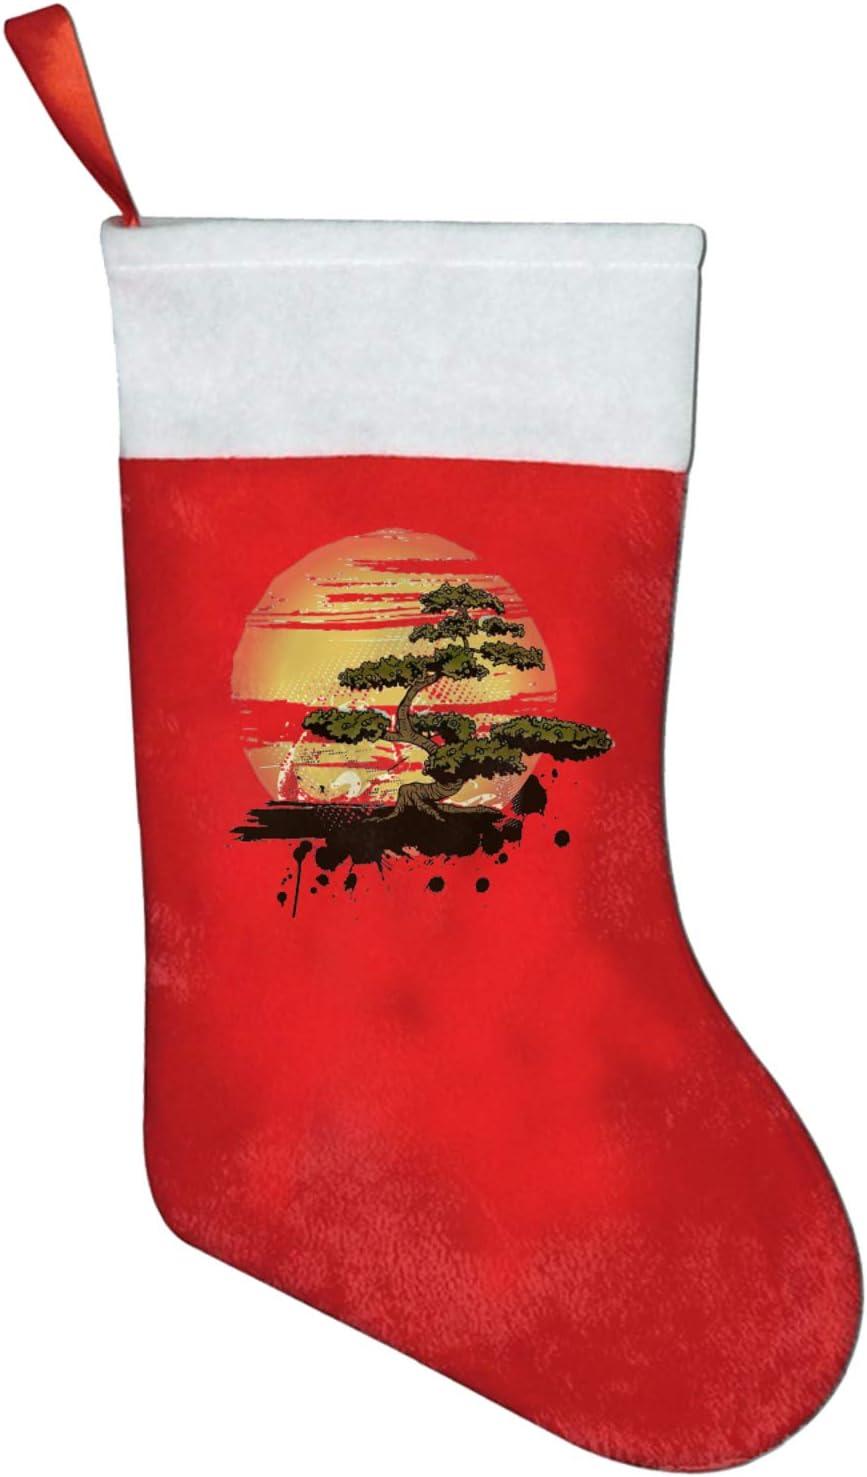 SYDIYIWL Bonsái Árbol Karate Dojo Navidad Lindo Medias Santa Calcetines para Navidad Decoración de disfraces